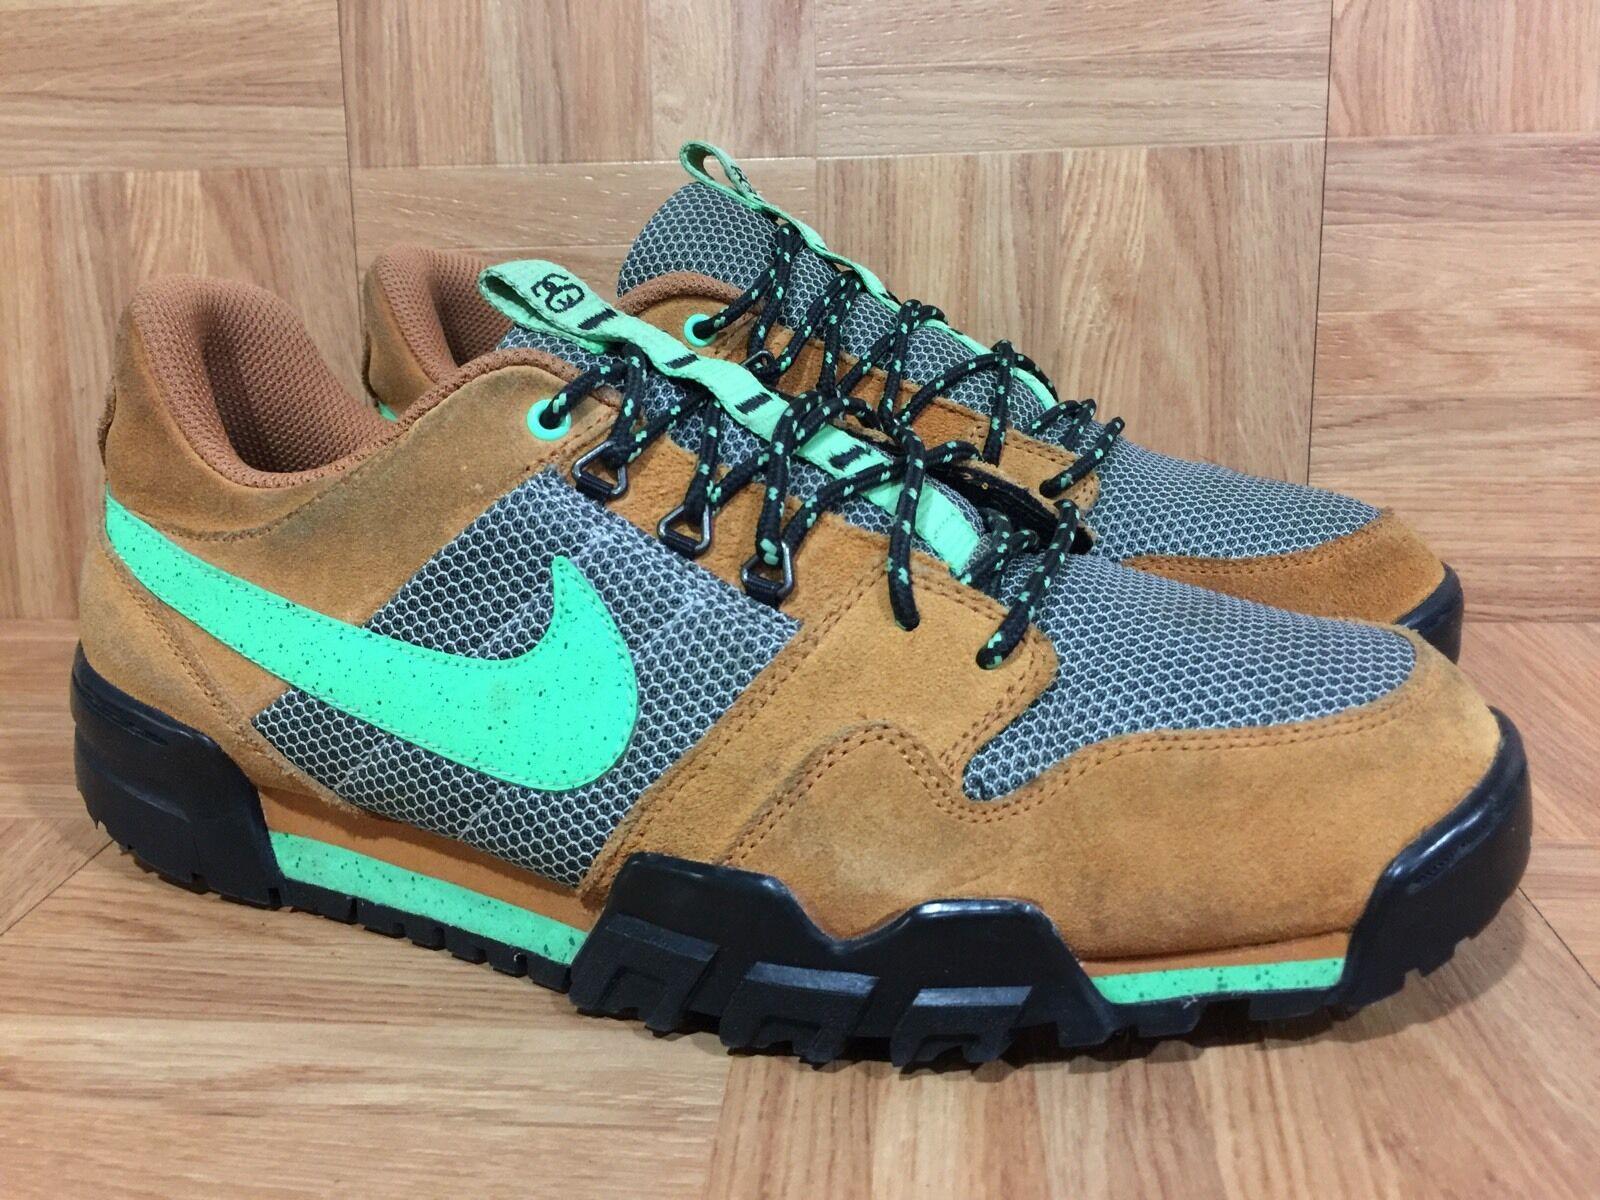 RARE Nike x Stussy Mogan Mogan Mogan 2 OMS Premium Ginger Poison Green Sz 11 576349-205 LE e3d019